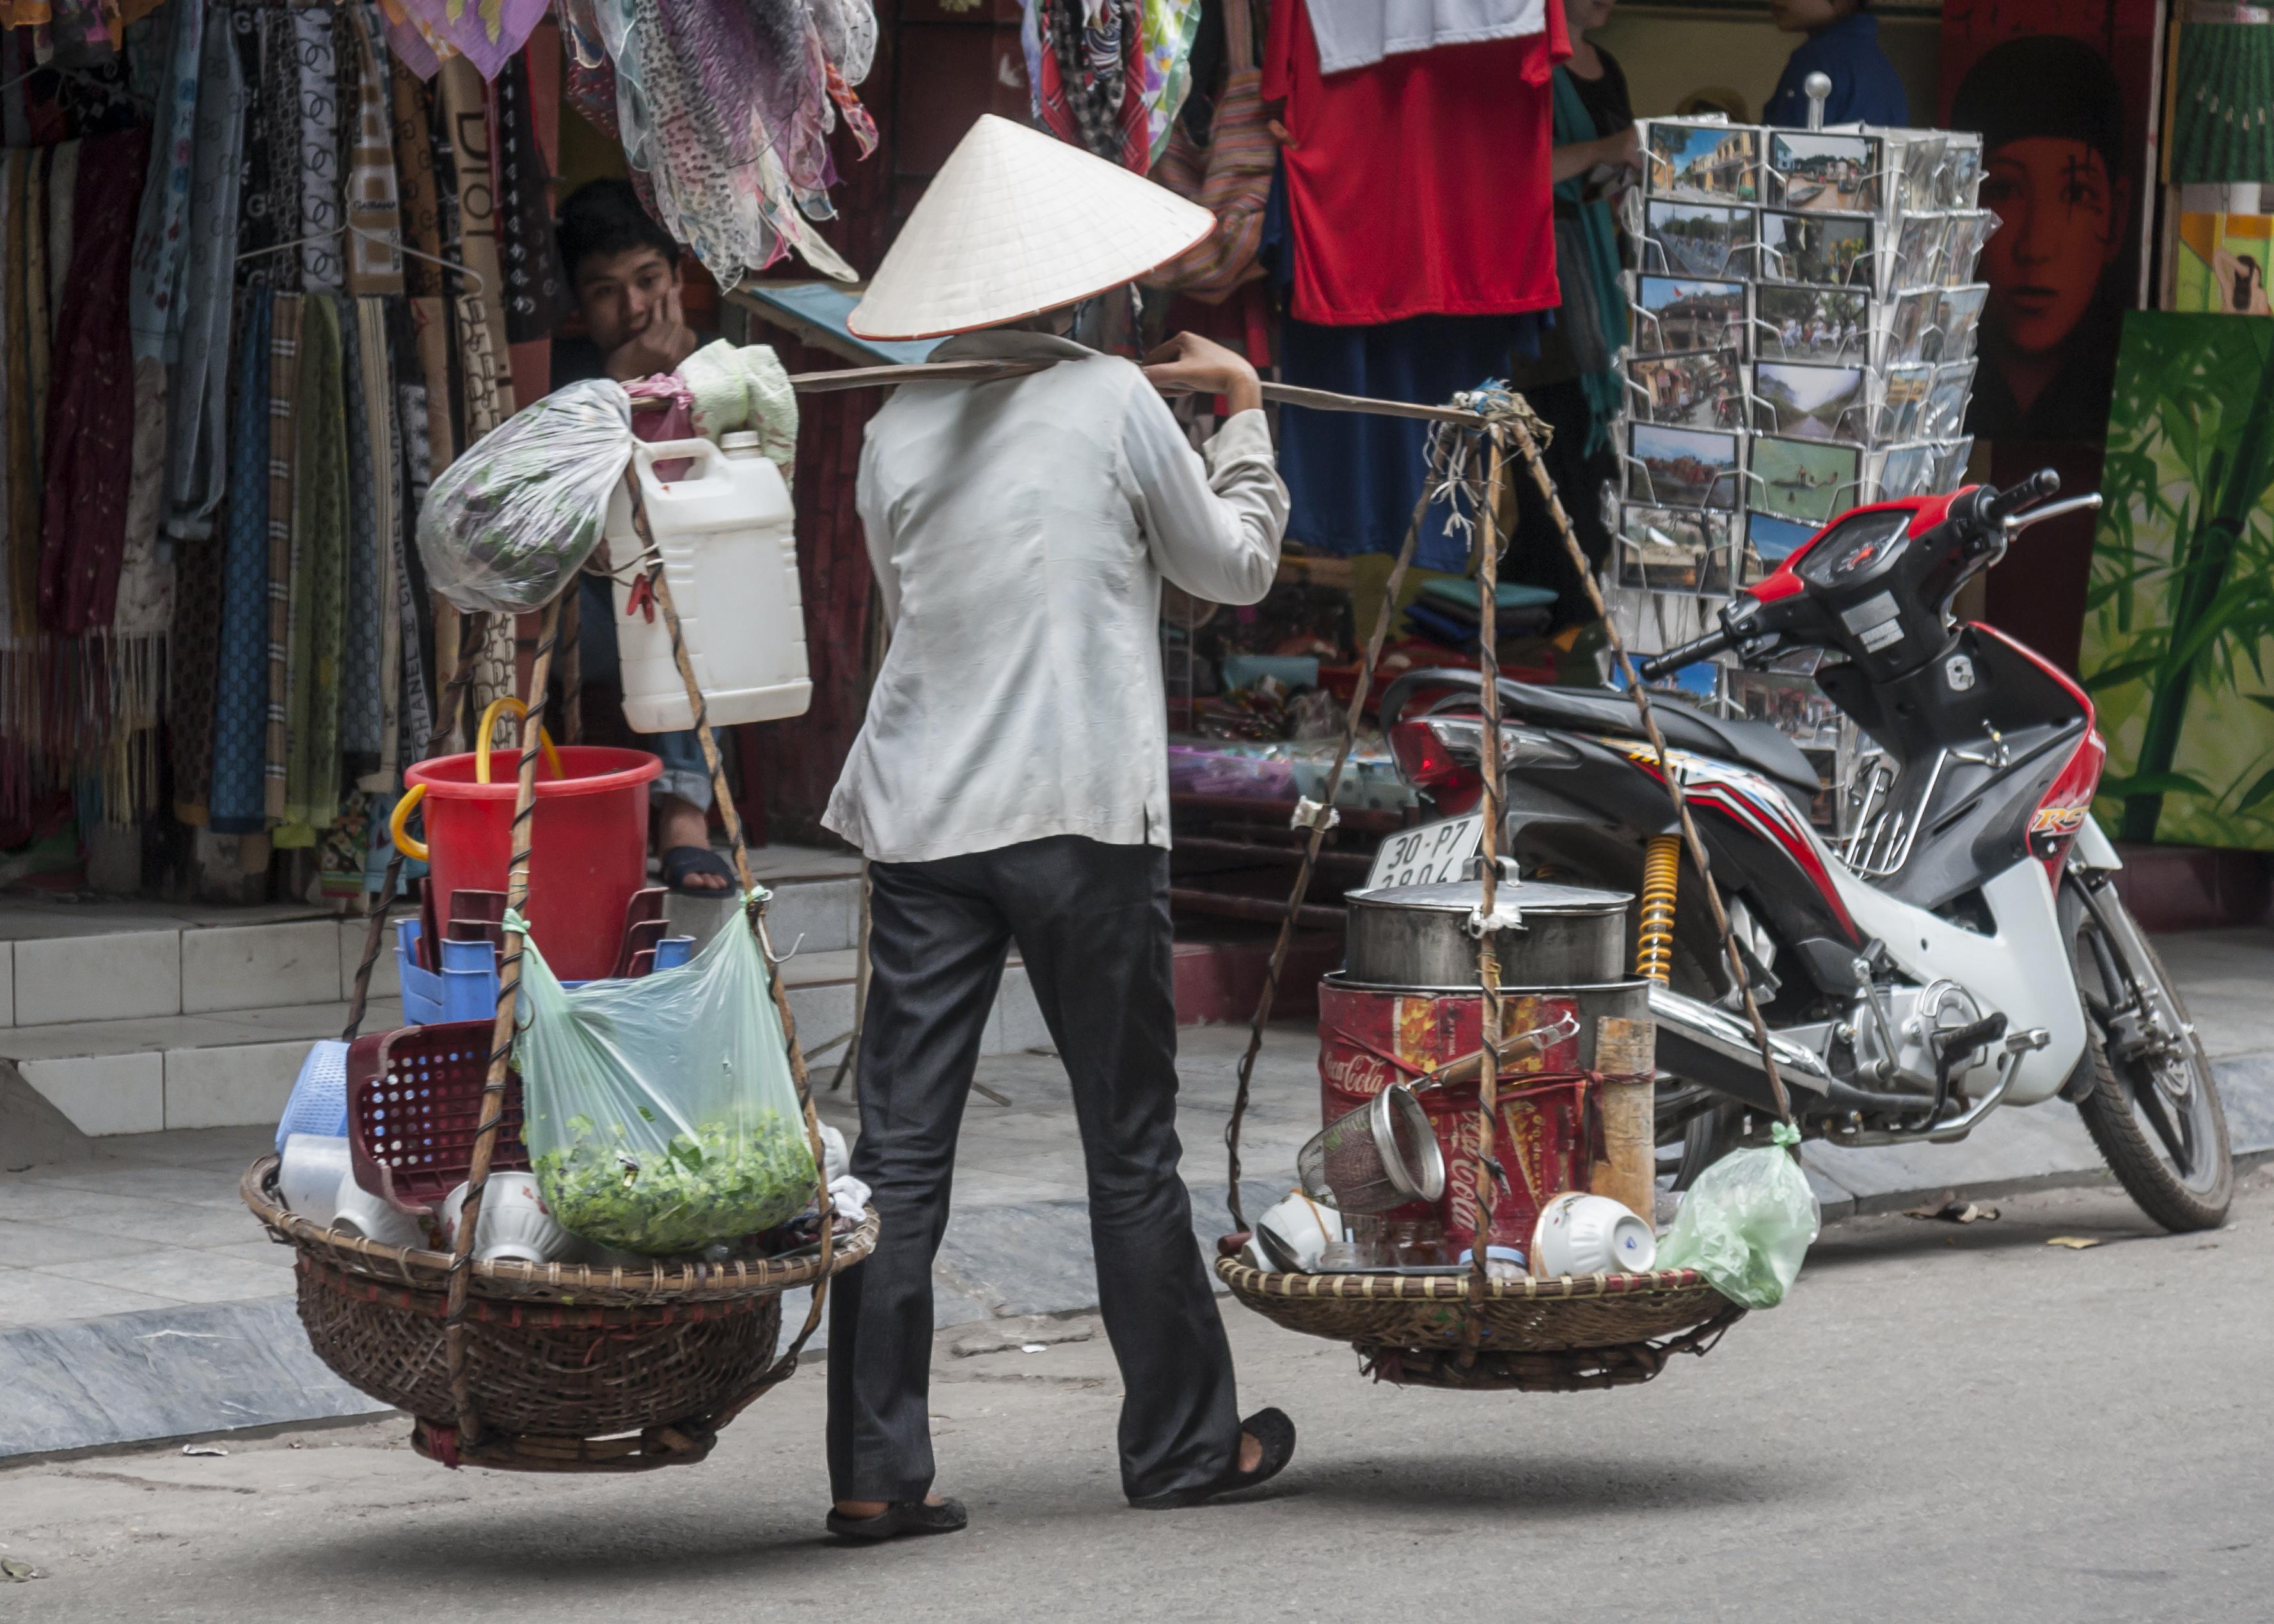 File:Hanoi Vietnam Street-vendors-in-Hanoi-02.jpg - Wikimedia Commons